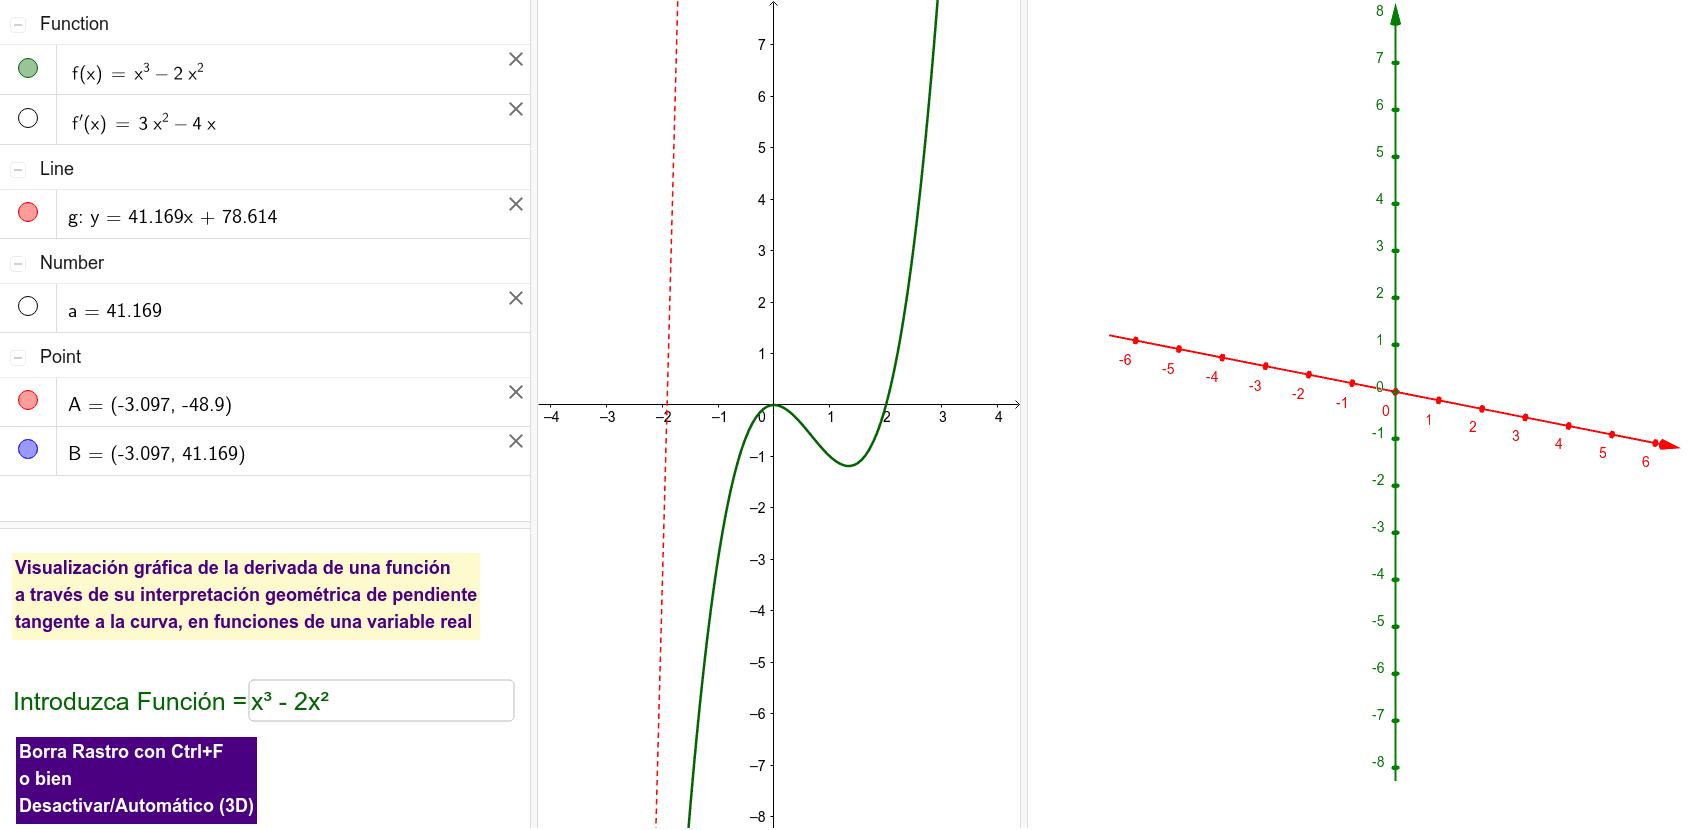 Anime el botón para visualizar el trazo; posteriormente active la derivada de la función. Puede cambiar la función en la casilla de entrada.